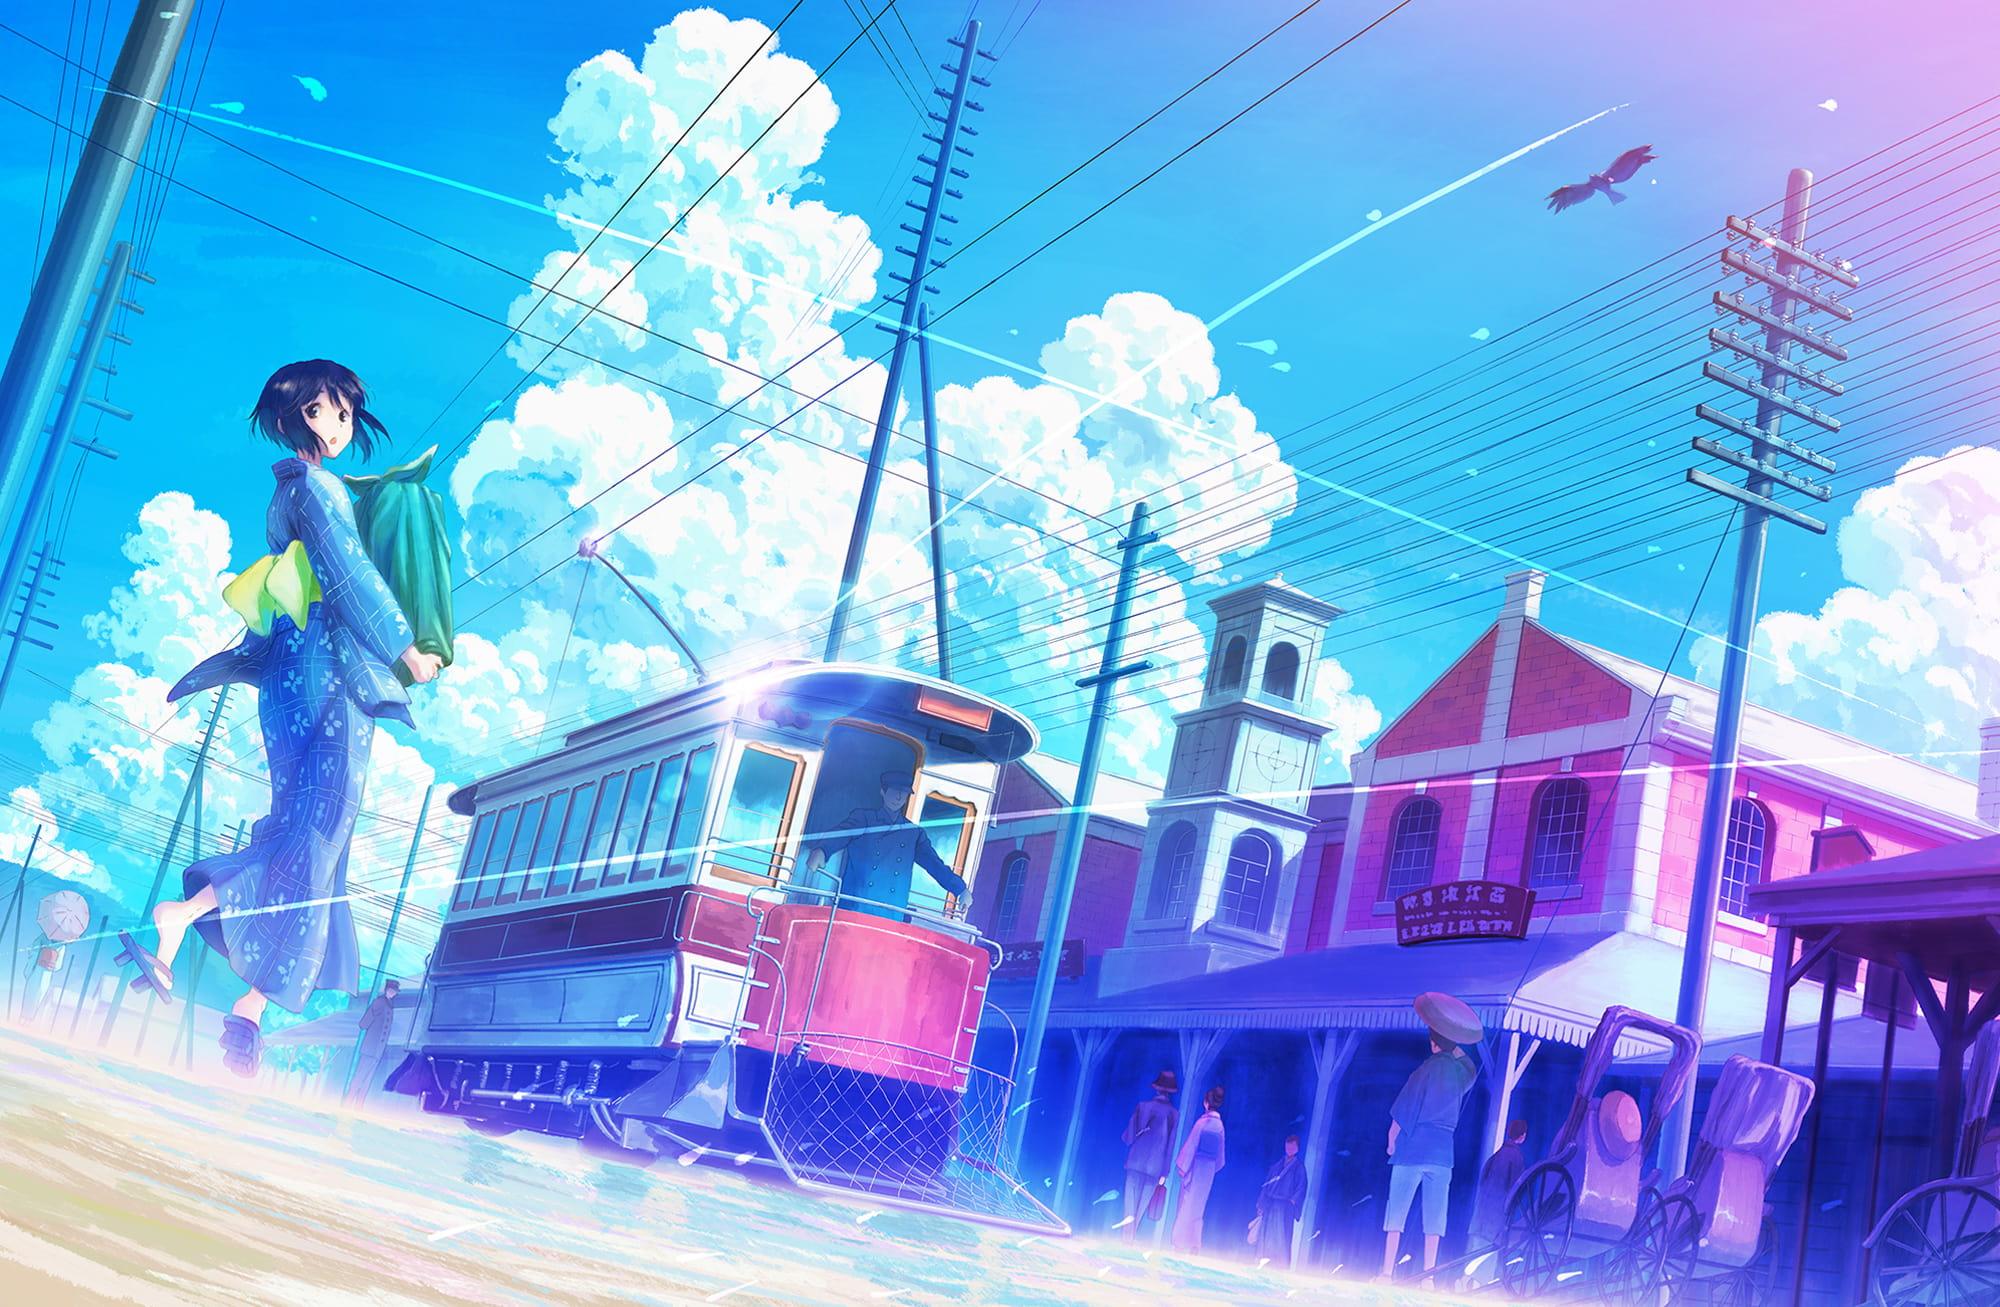 アニメ「二十世紀電氣目録」